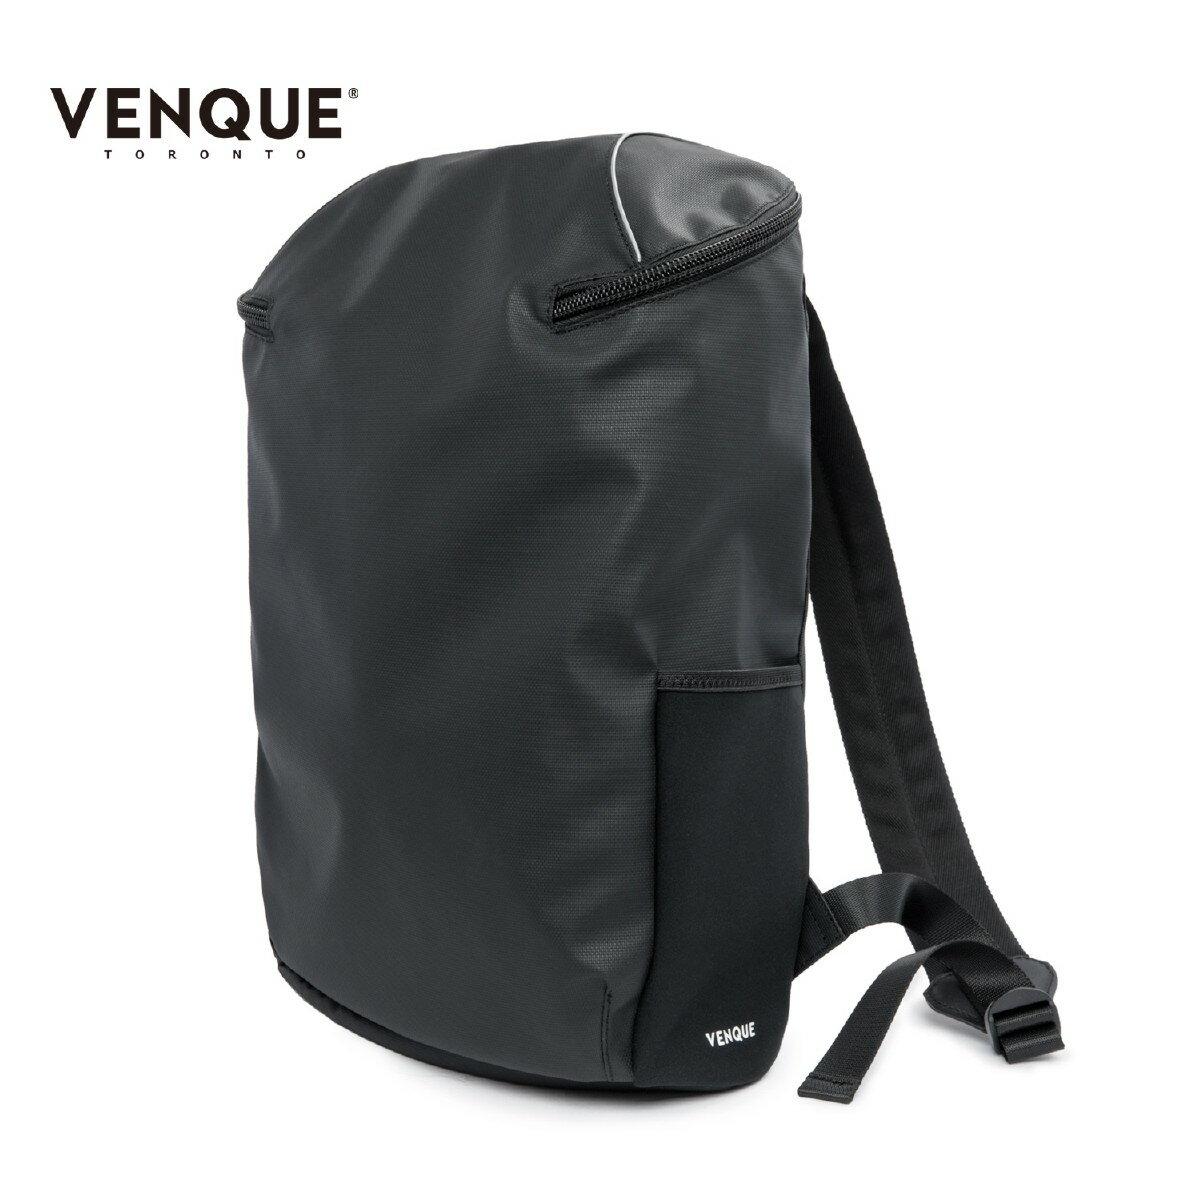 VENQUE ヴェンク K2 Hyberlight バックパック メンズ/レディース ブラック OS